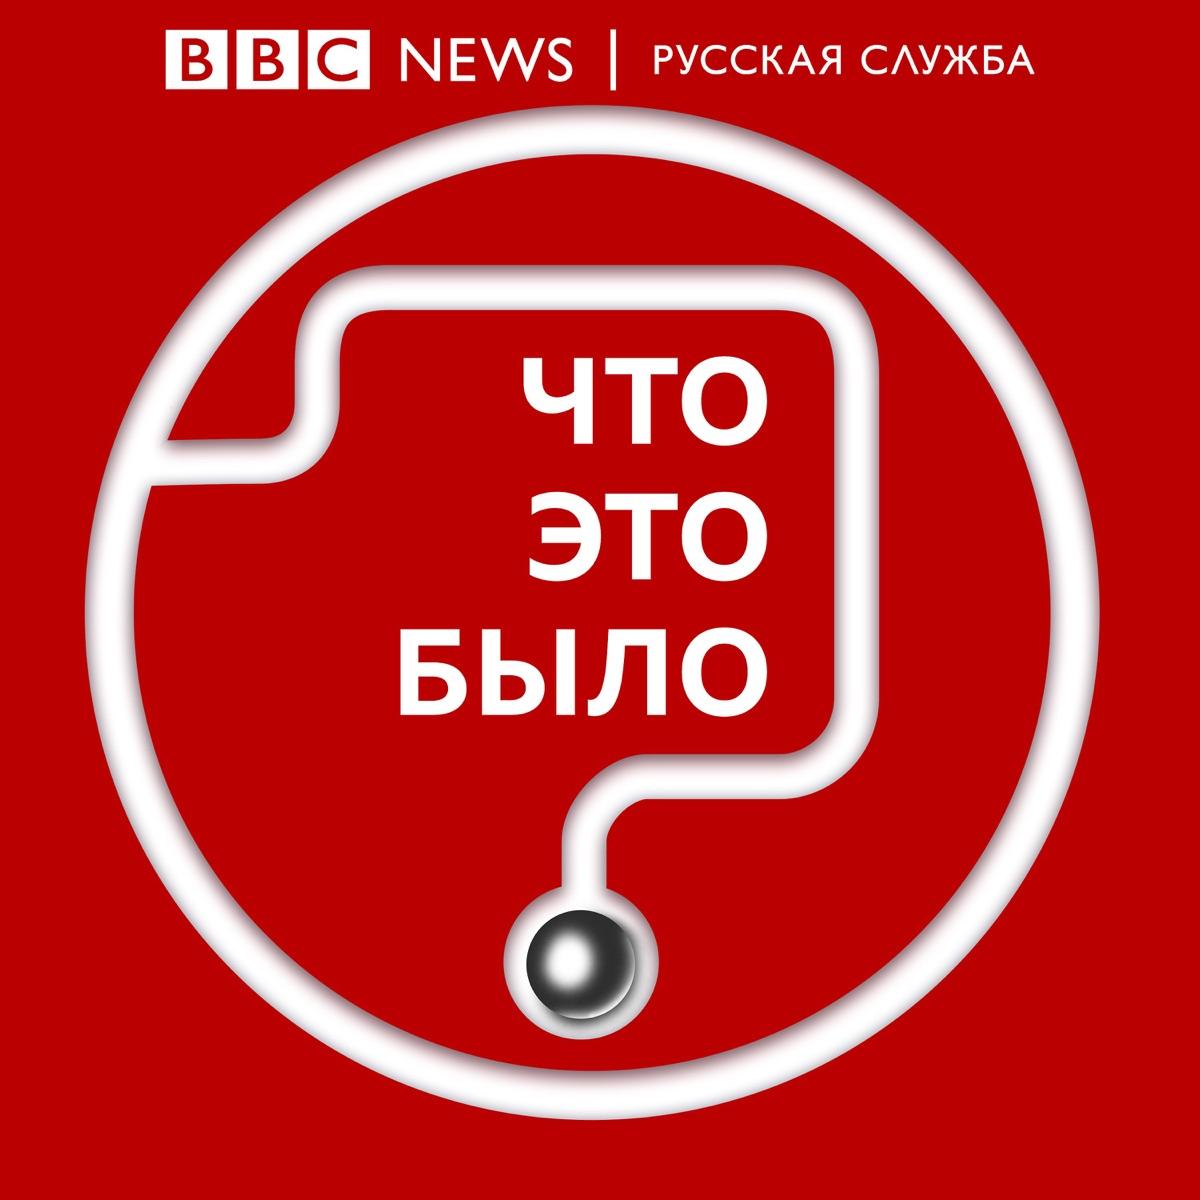 Навальный в коме: что произошло с главным оппозиционером России?